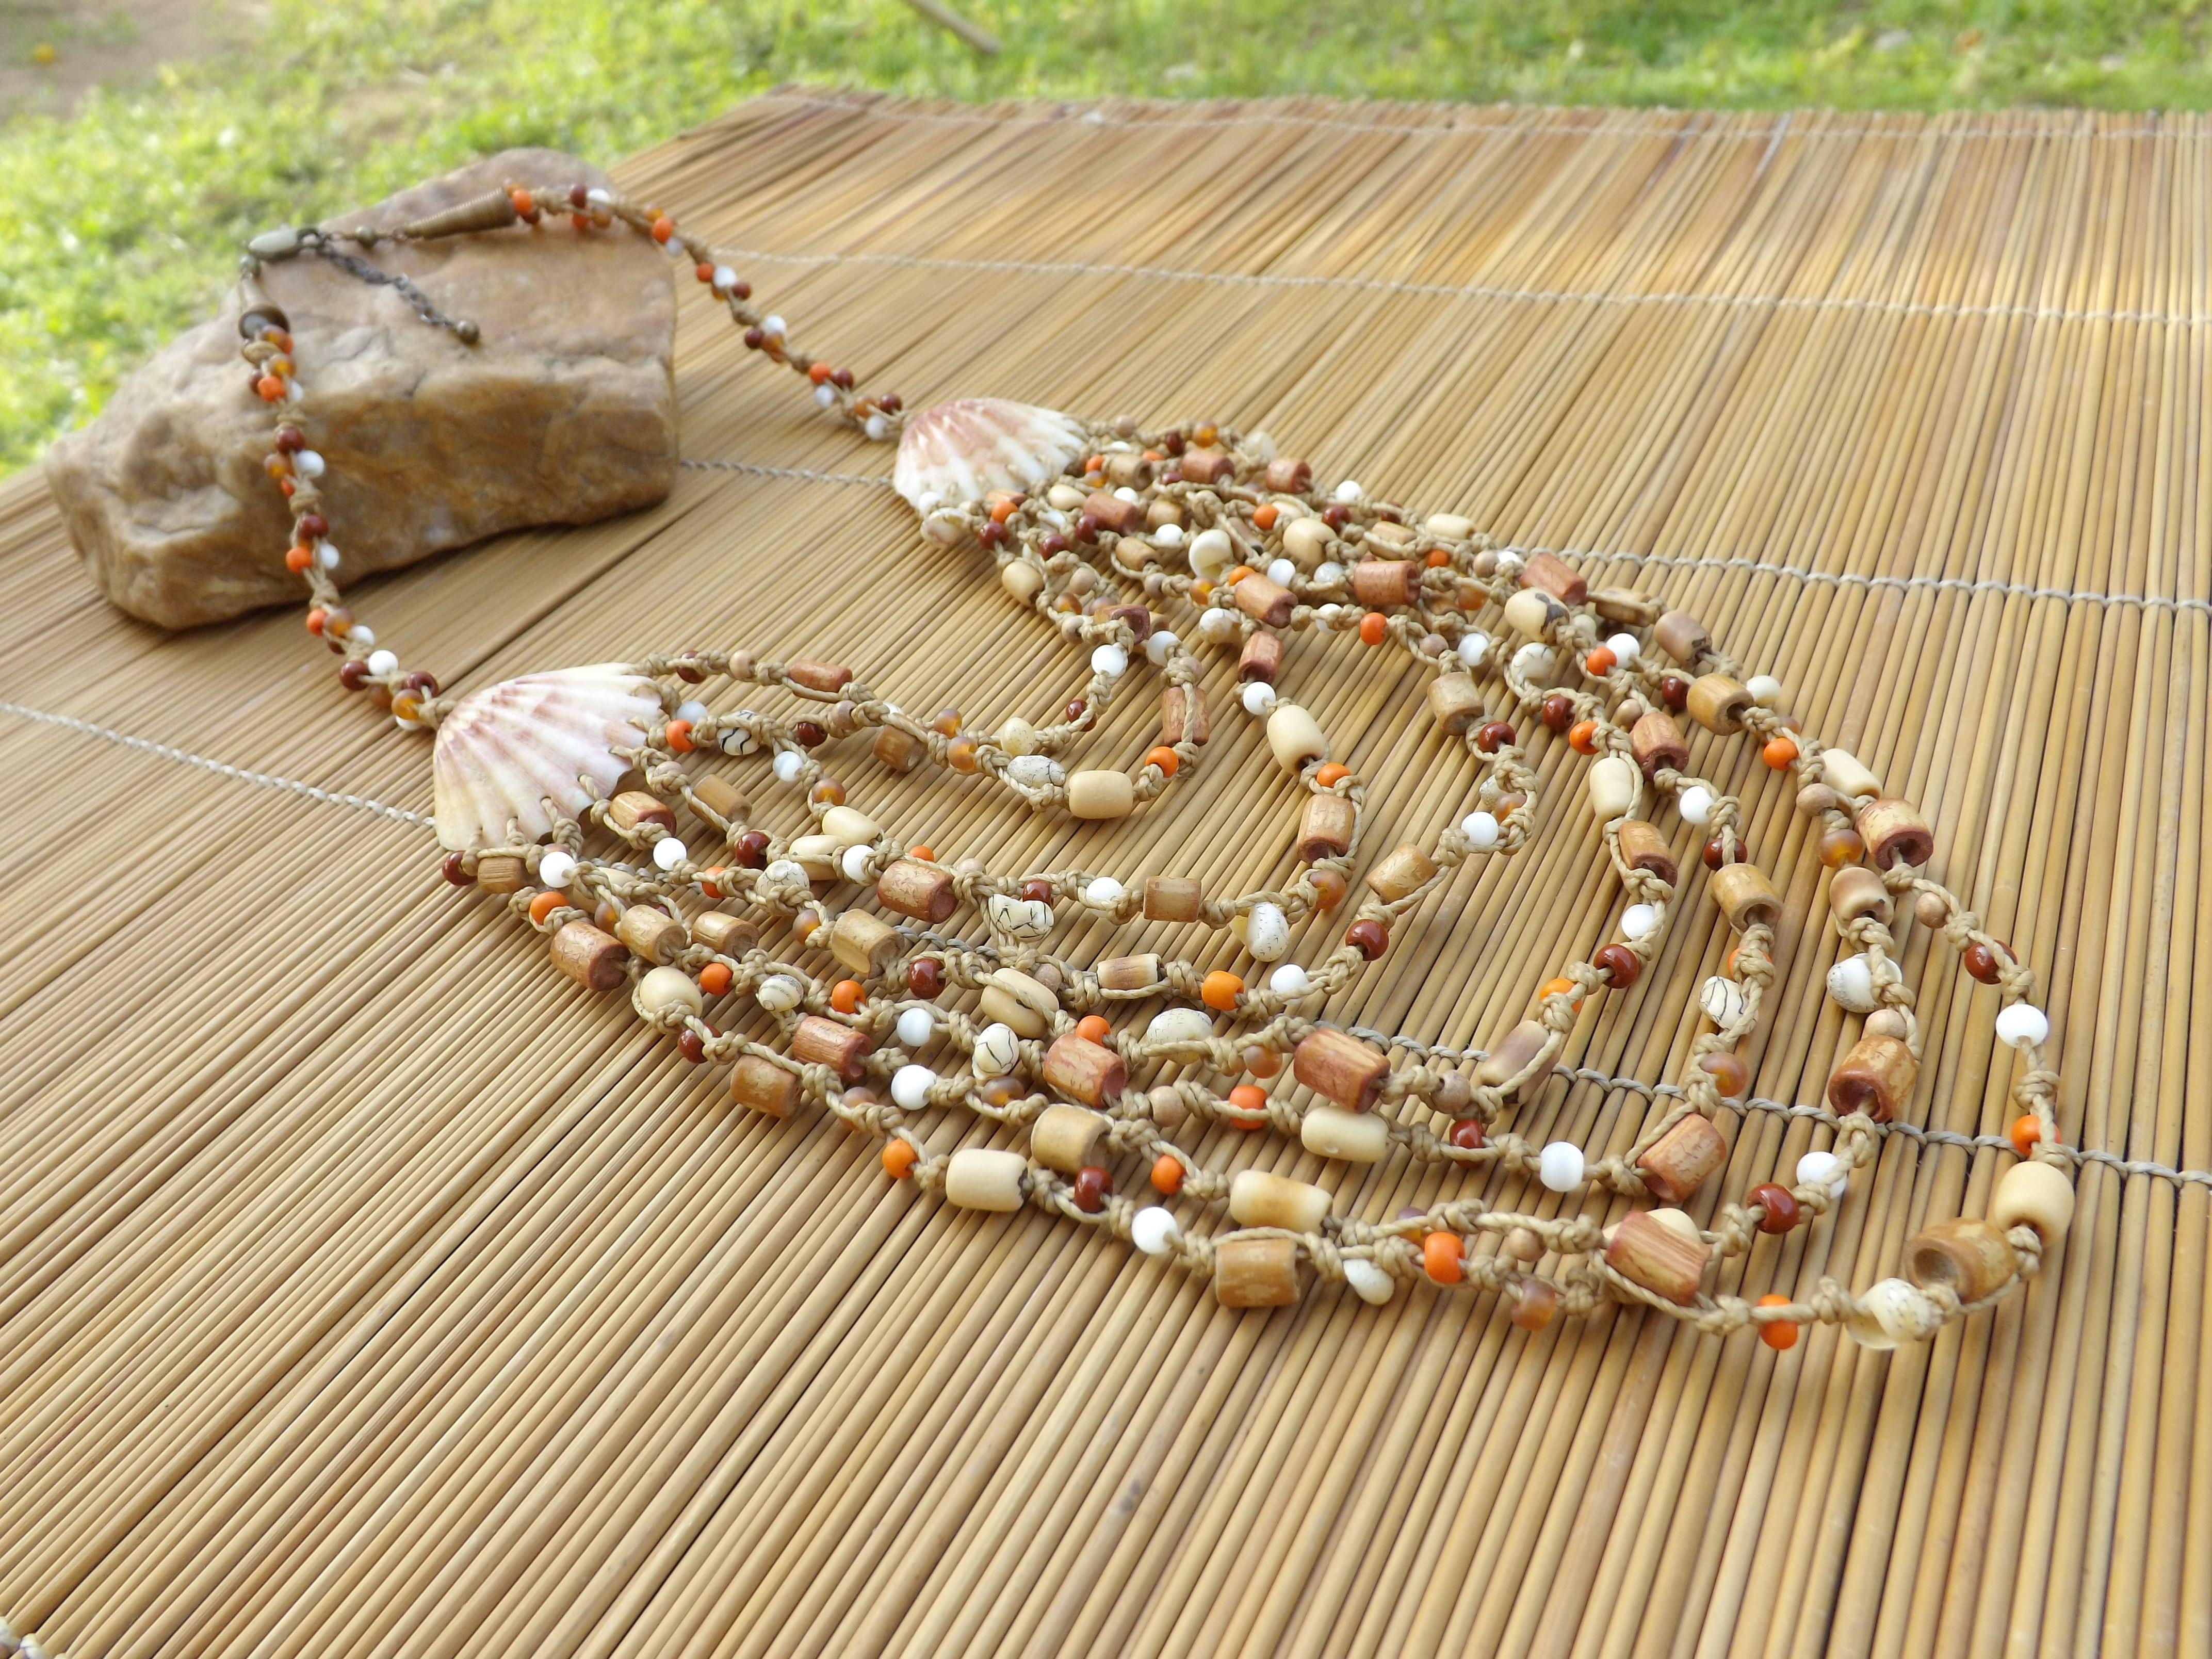 colar rustico feito com cordão encerado ,conchas naturais como entremeio ,miçangas,olho de gato,bambo e semente,o acabamento envelhecido.Vendido